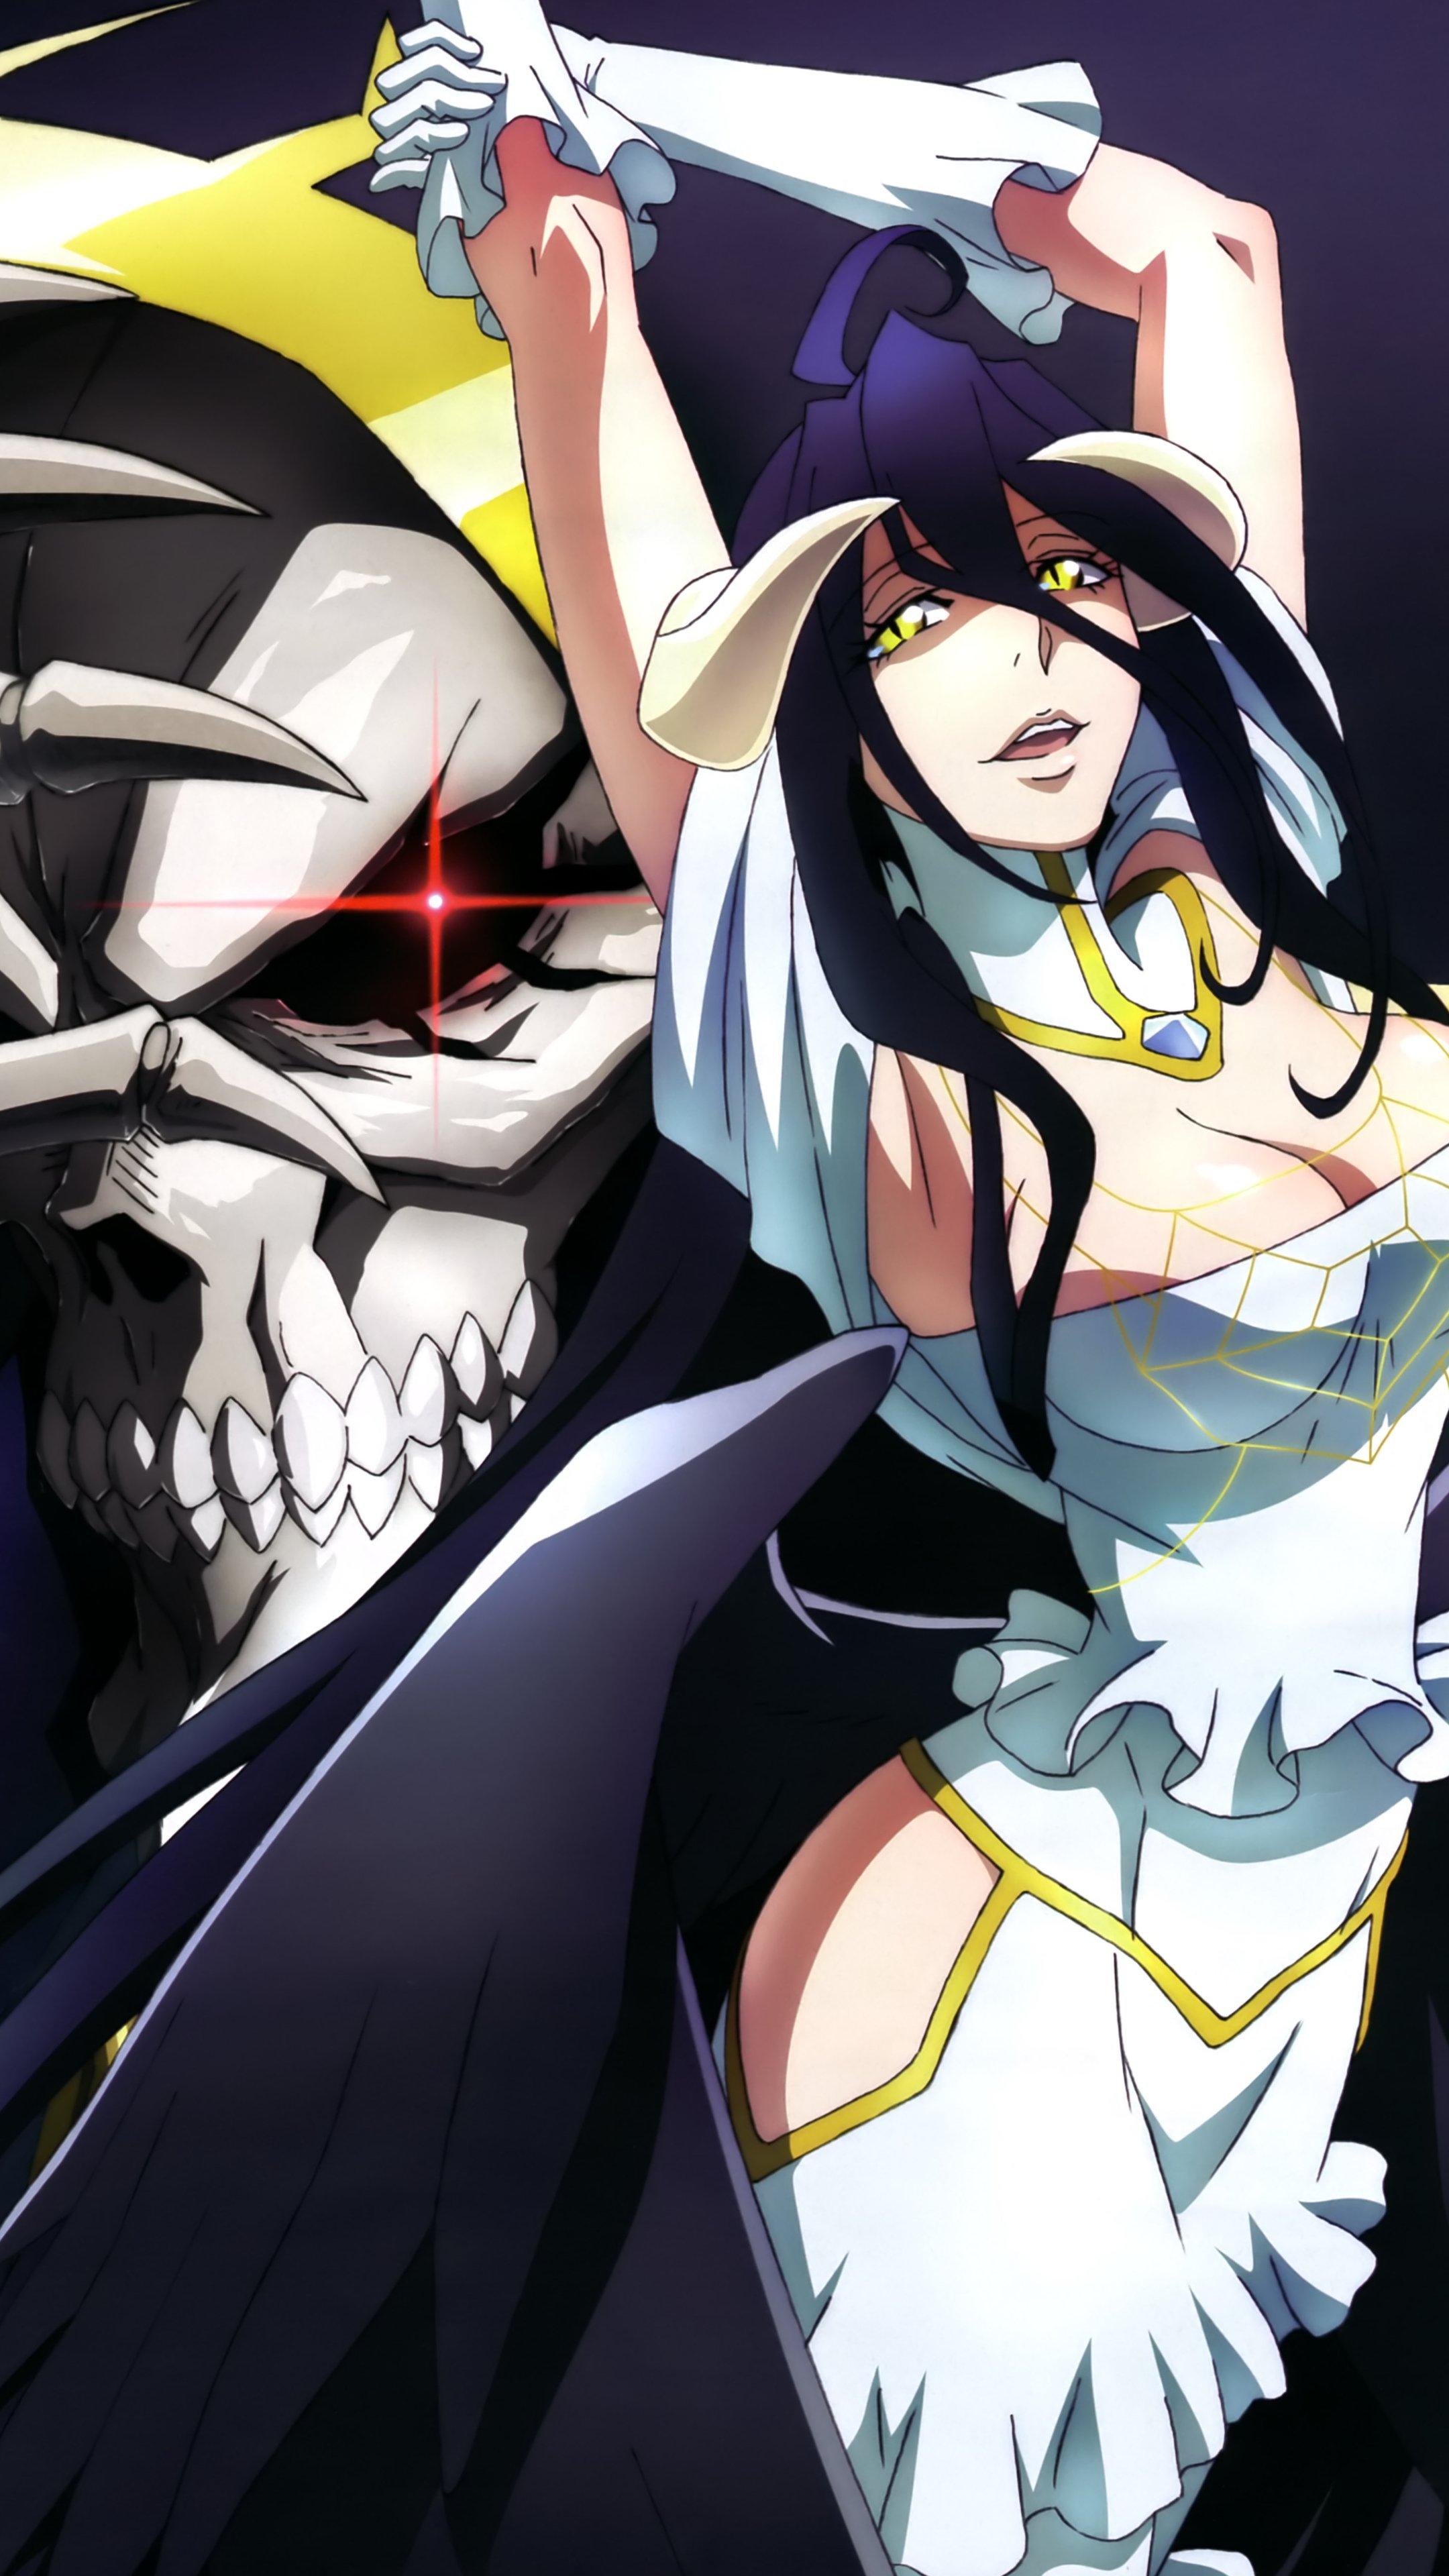 Overlord Ii Ainz Ooal Gown And Albedo 2160 3840 Kawaii Mobile